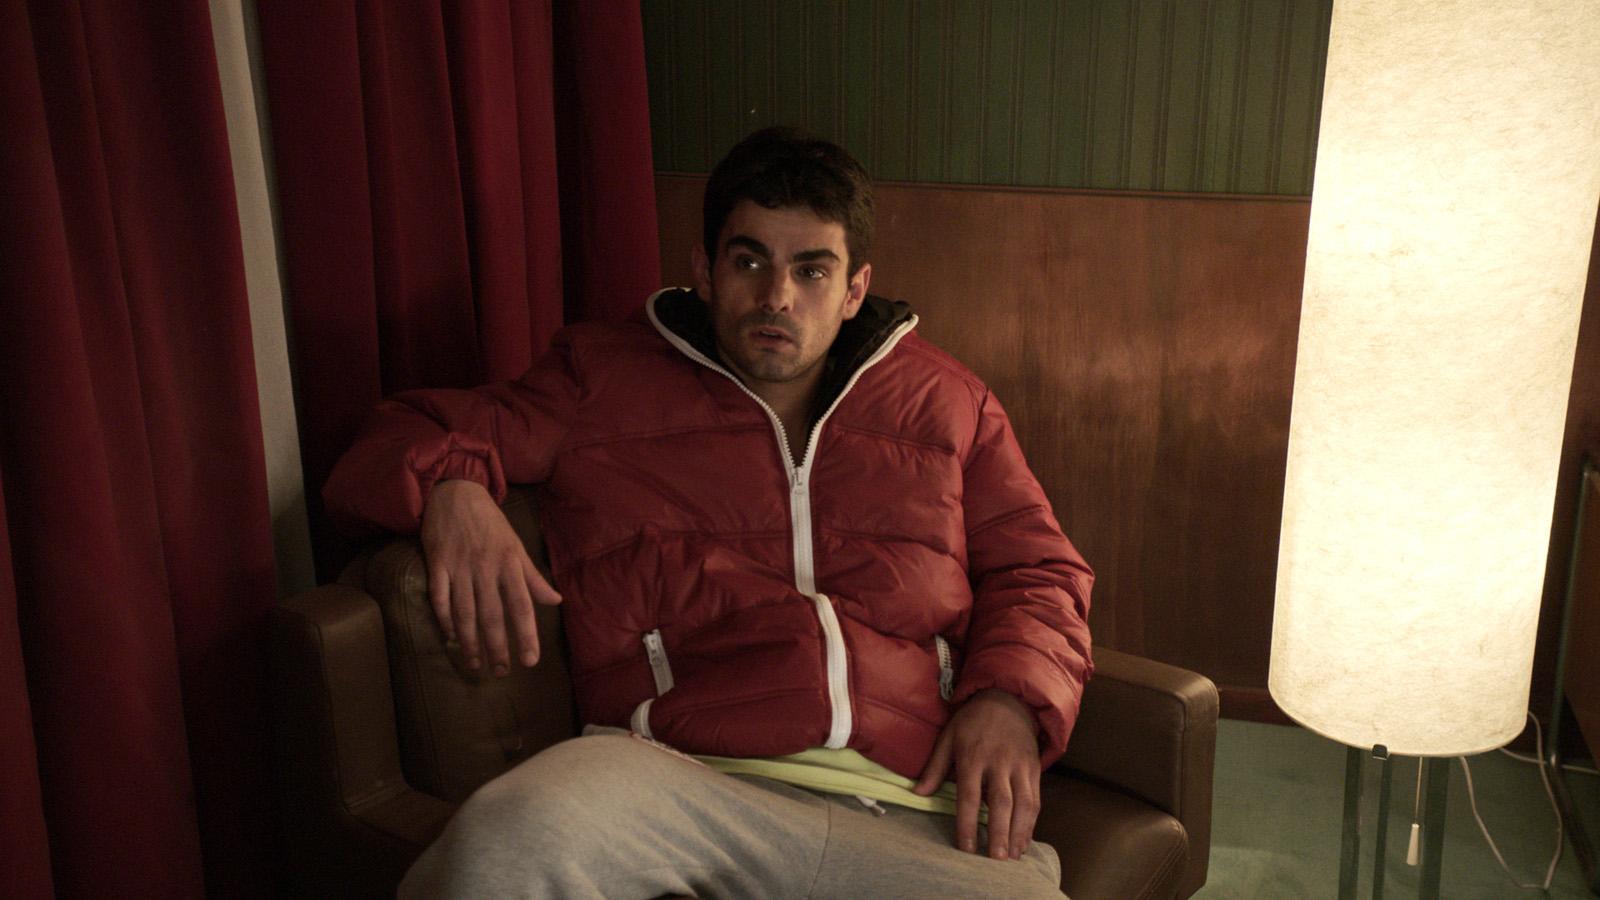 Kadr z filmu Pycha, młody mężczyzna, ciemniejszej karnacji